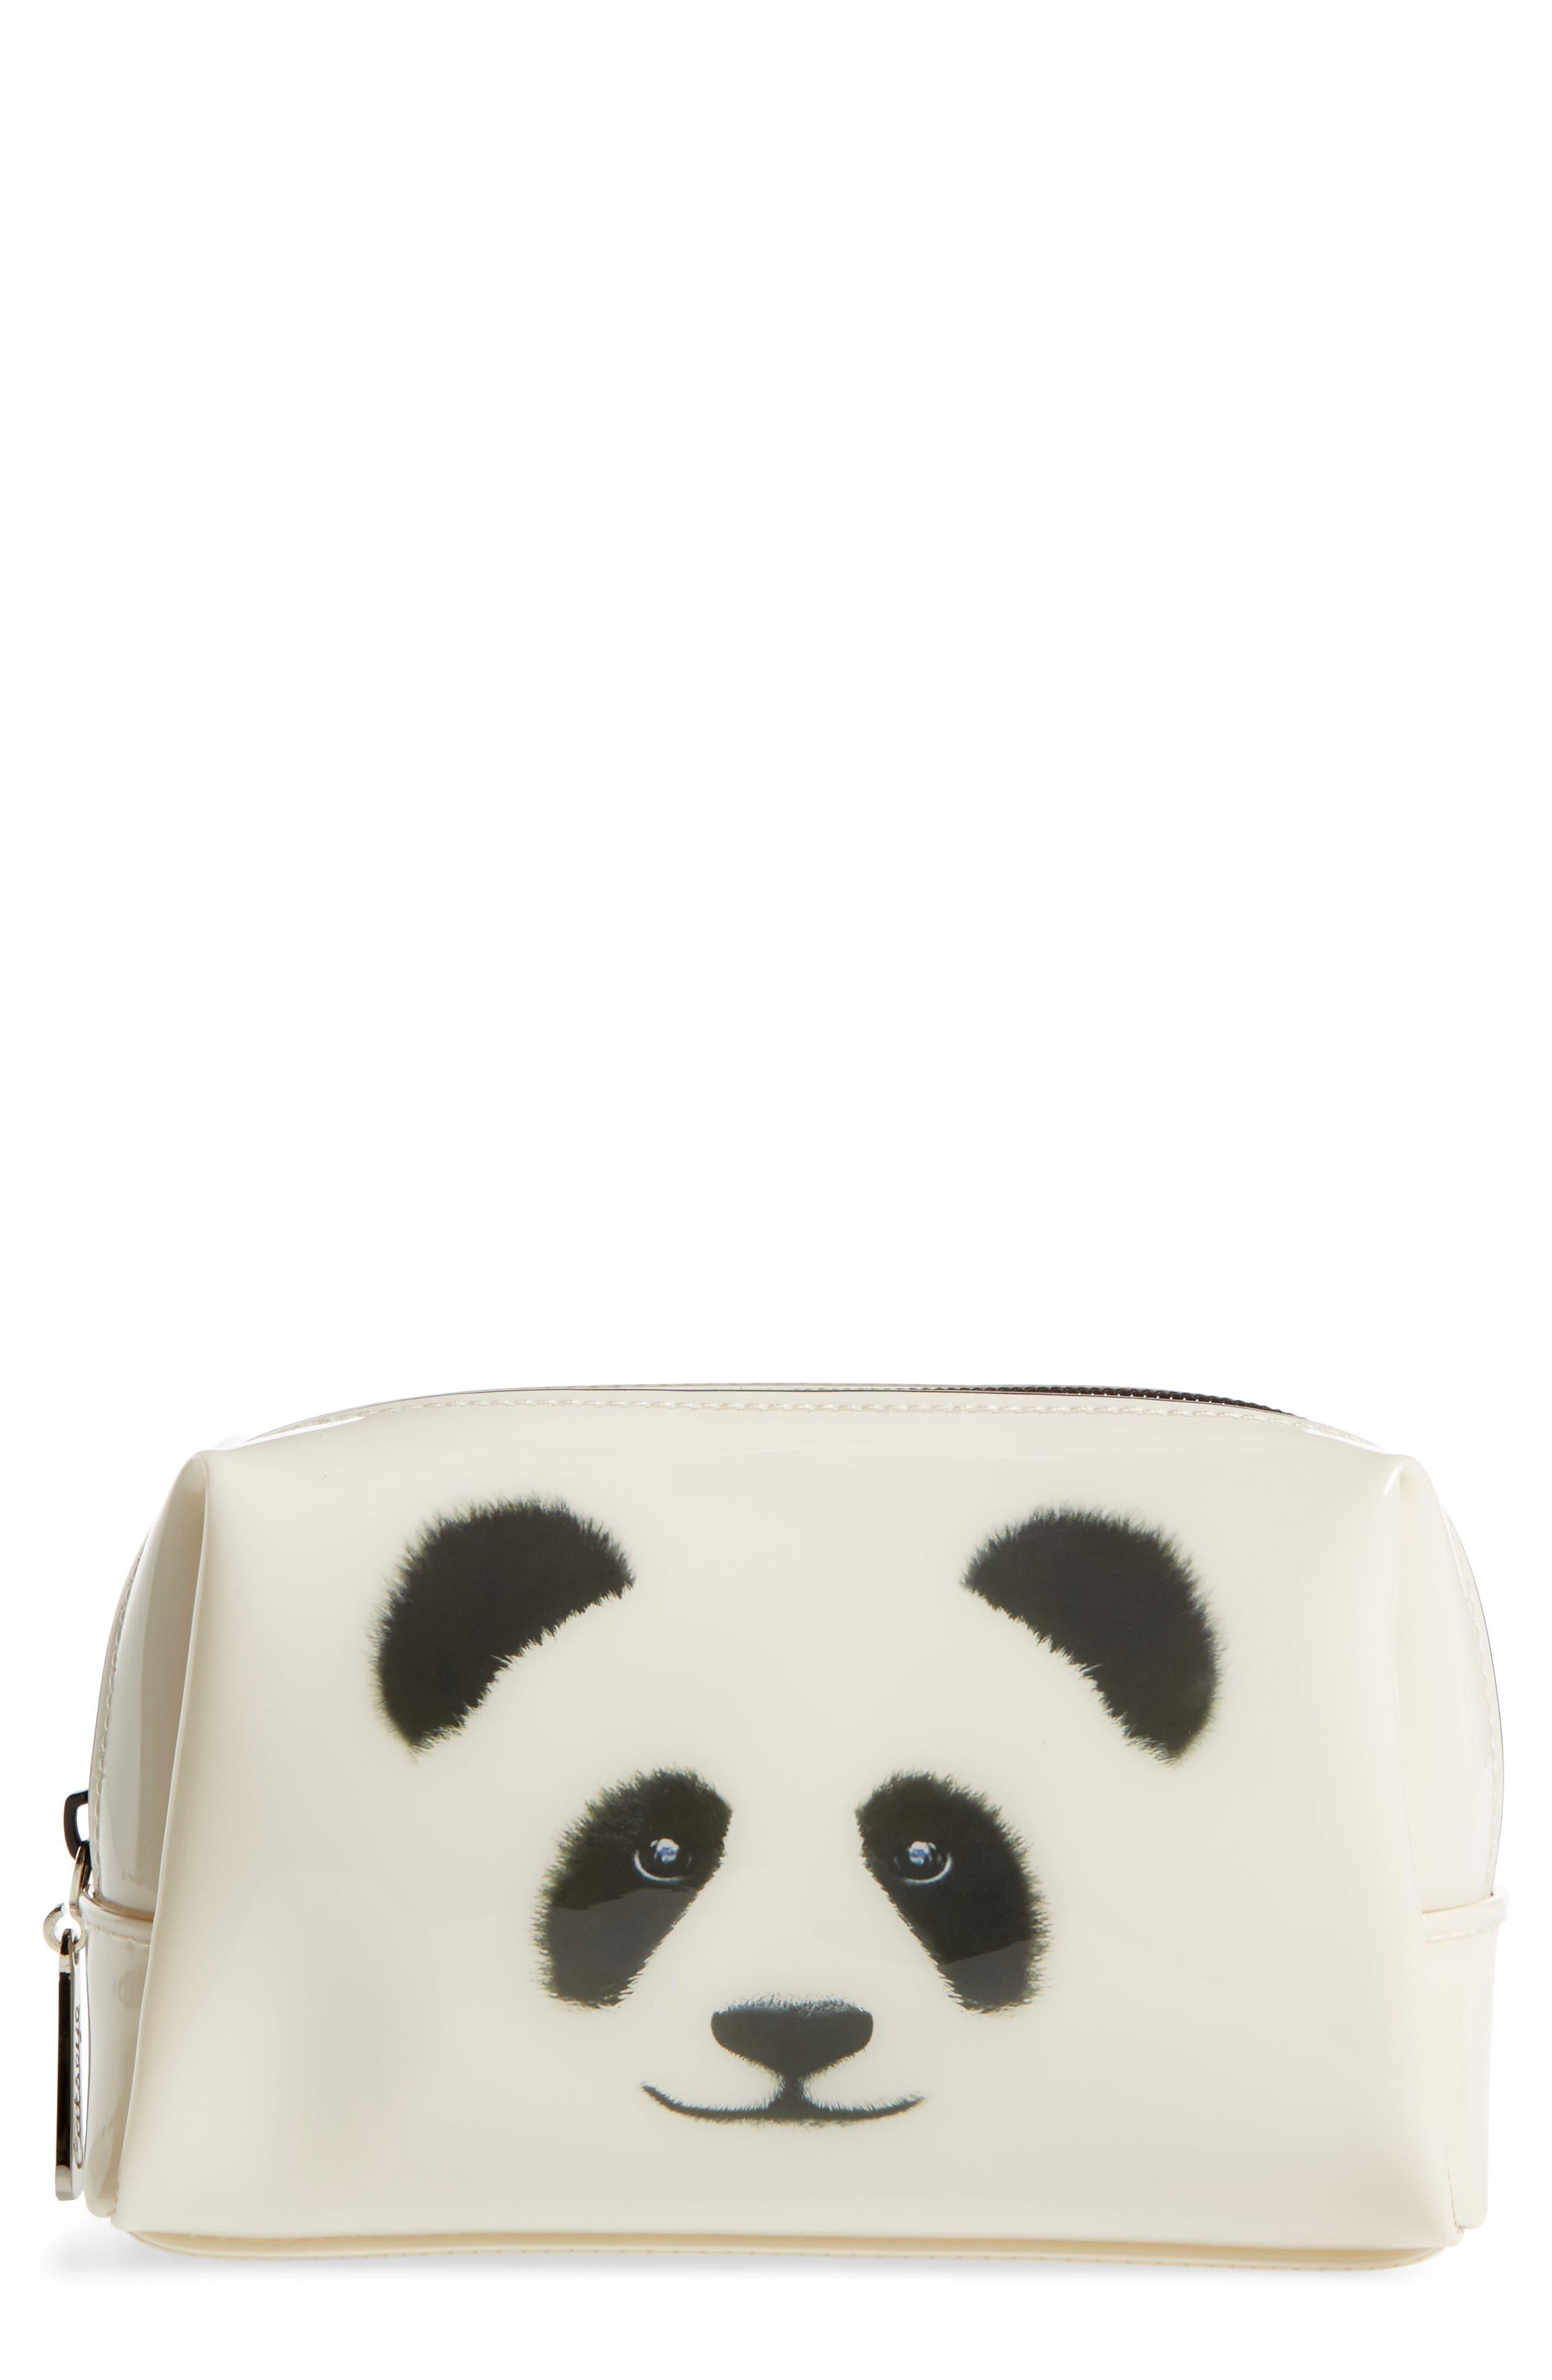 Main Image - Catseye London Monochrome Panda Cosmetics Bag